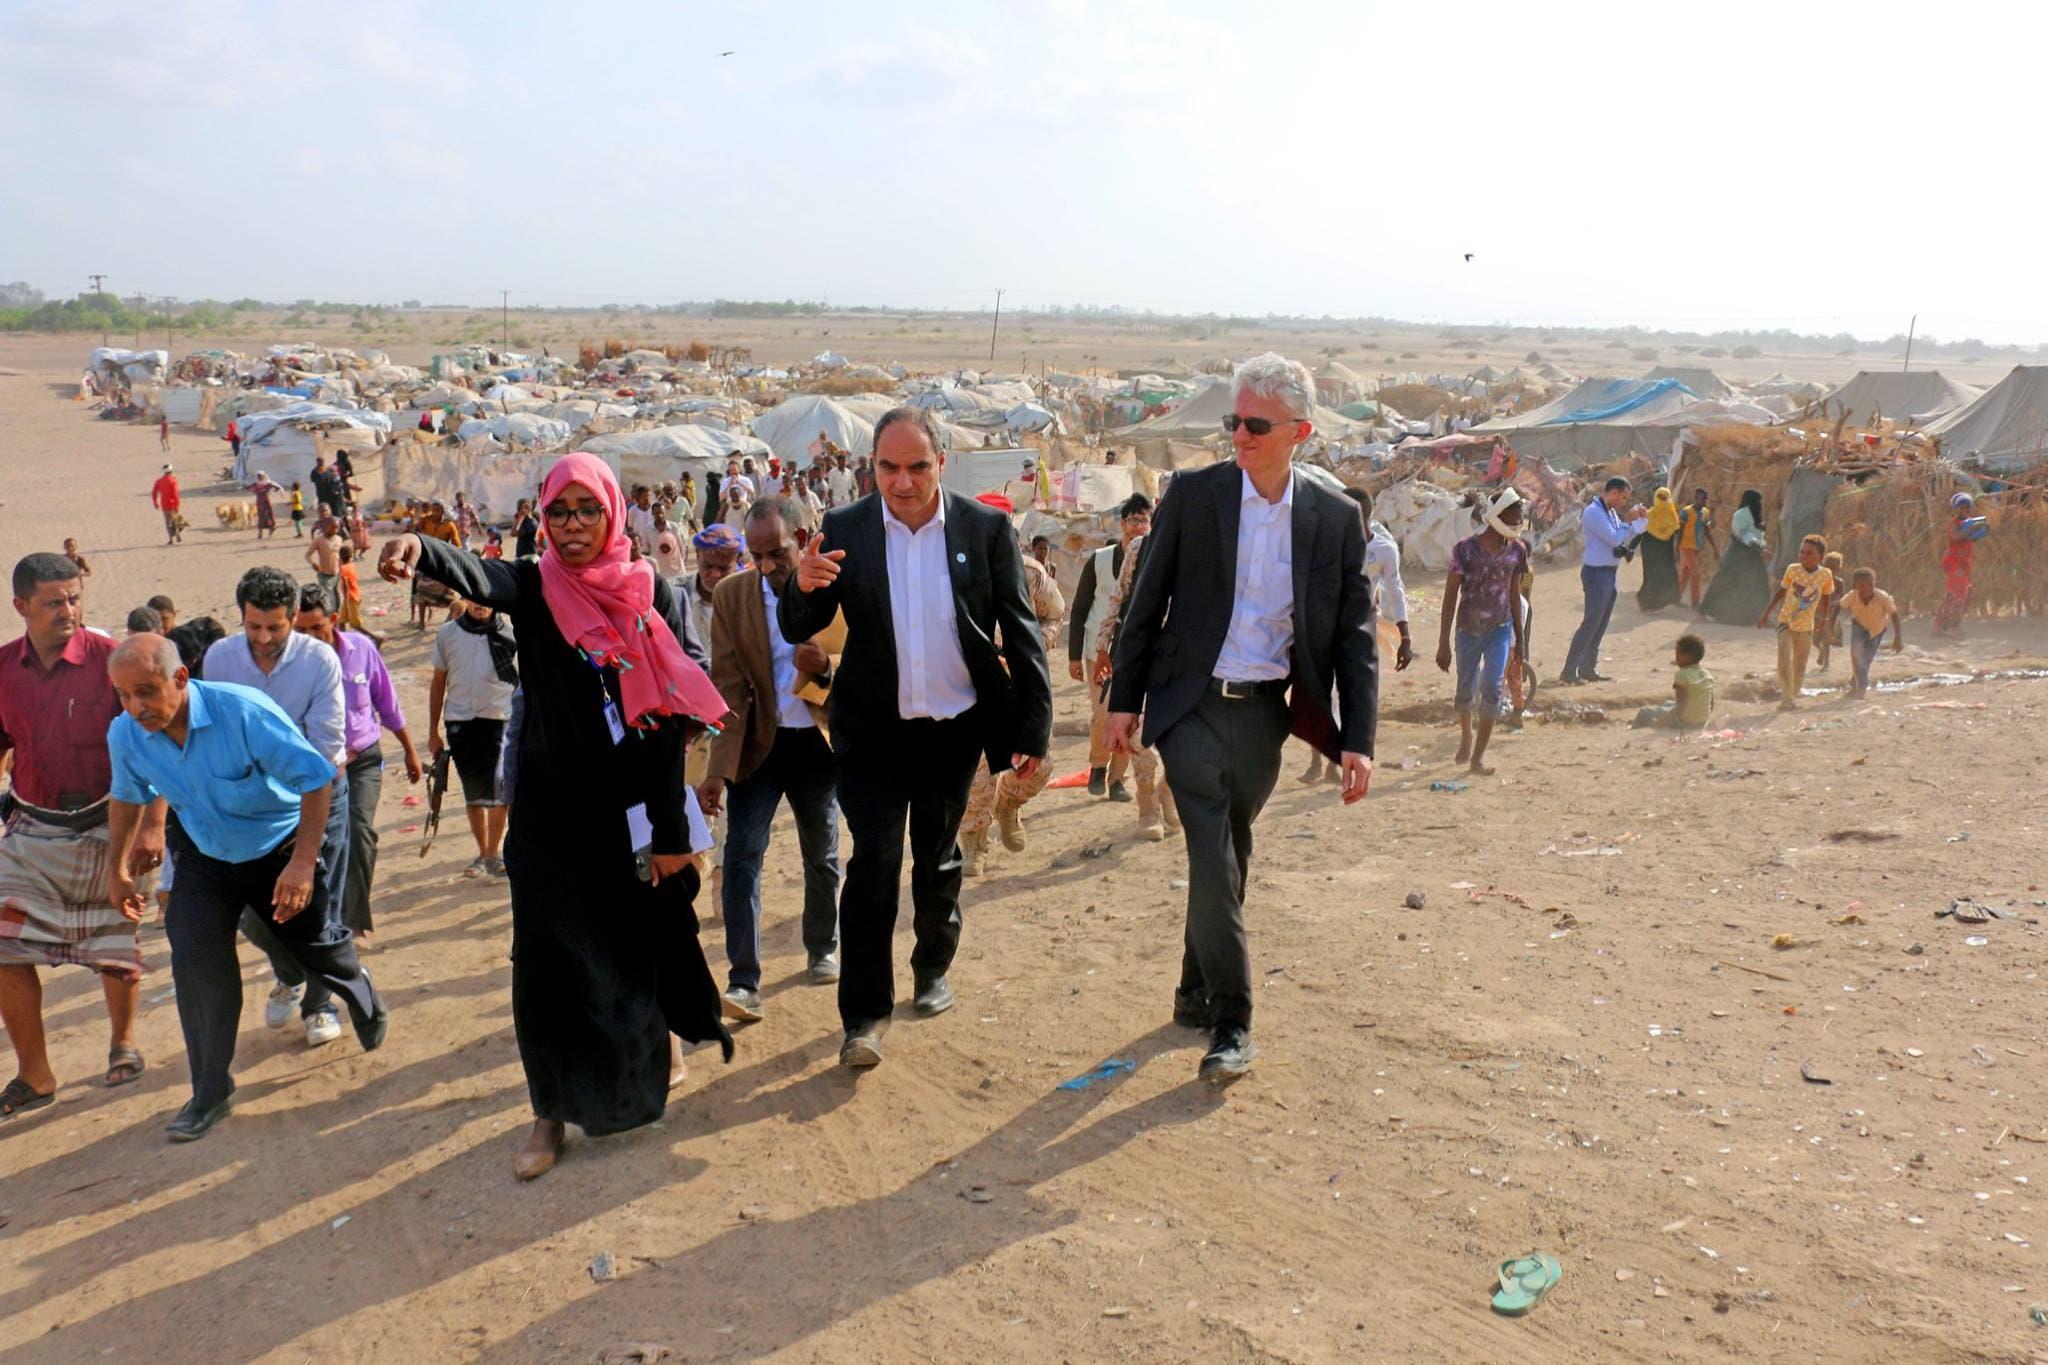 وكيل الشؤون الإنسانية أثناء زيارته لمخيم نازحين بلحج جنوب اليمن